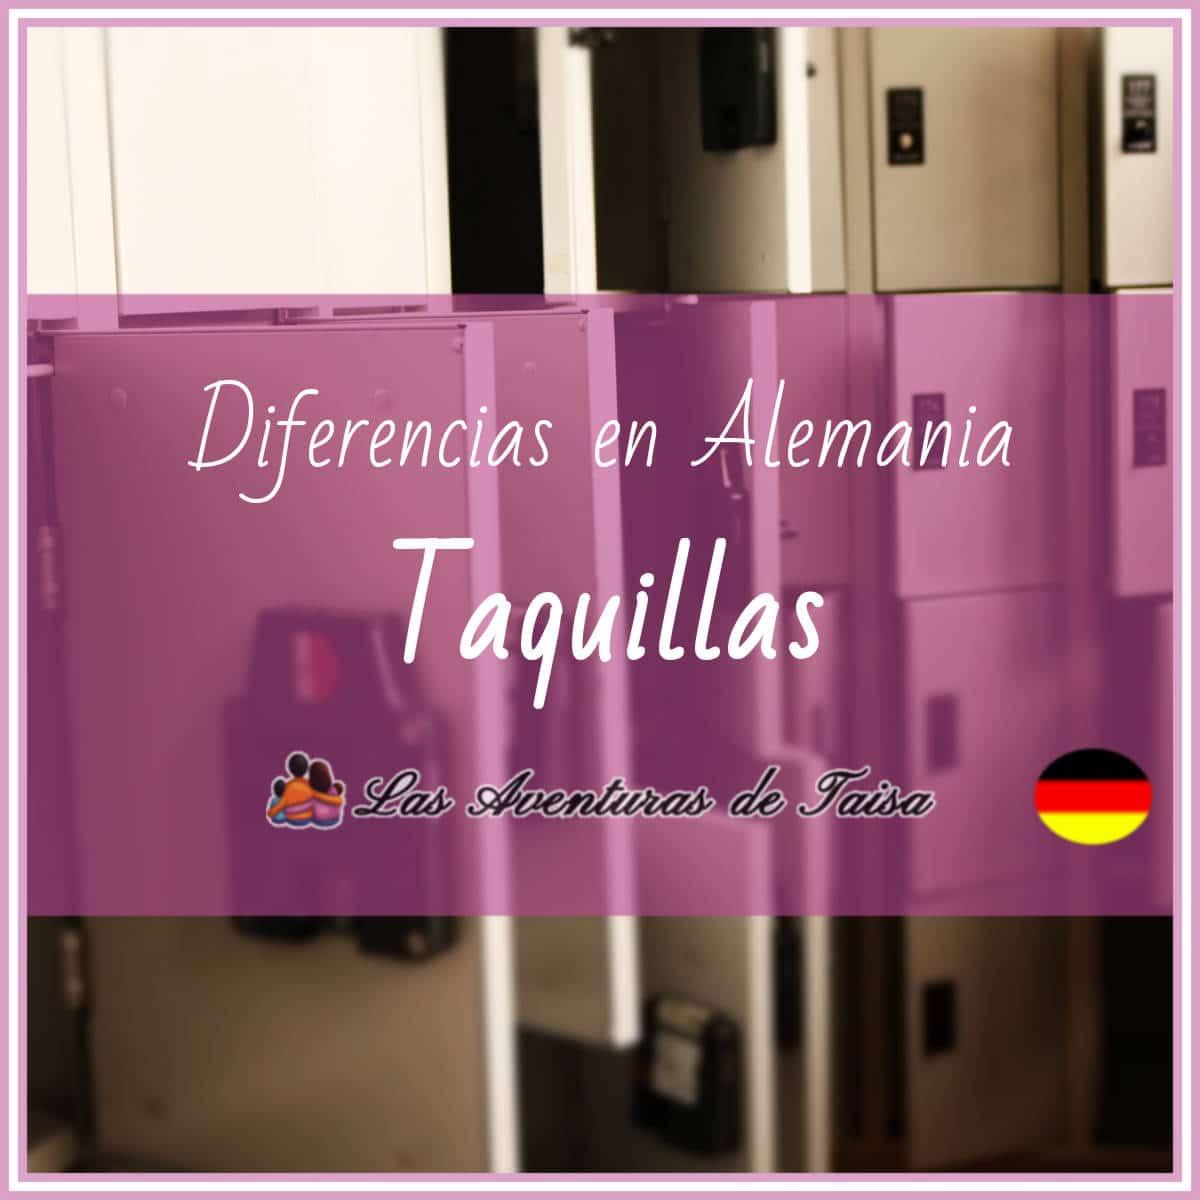 Casilleros o Taquillas en Alemania (Diferencia Nº 9)